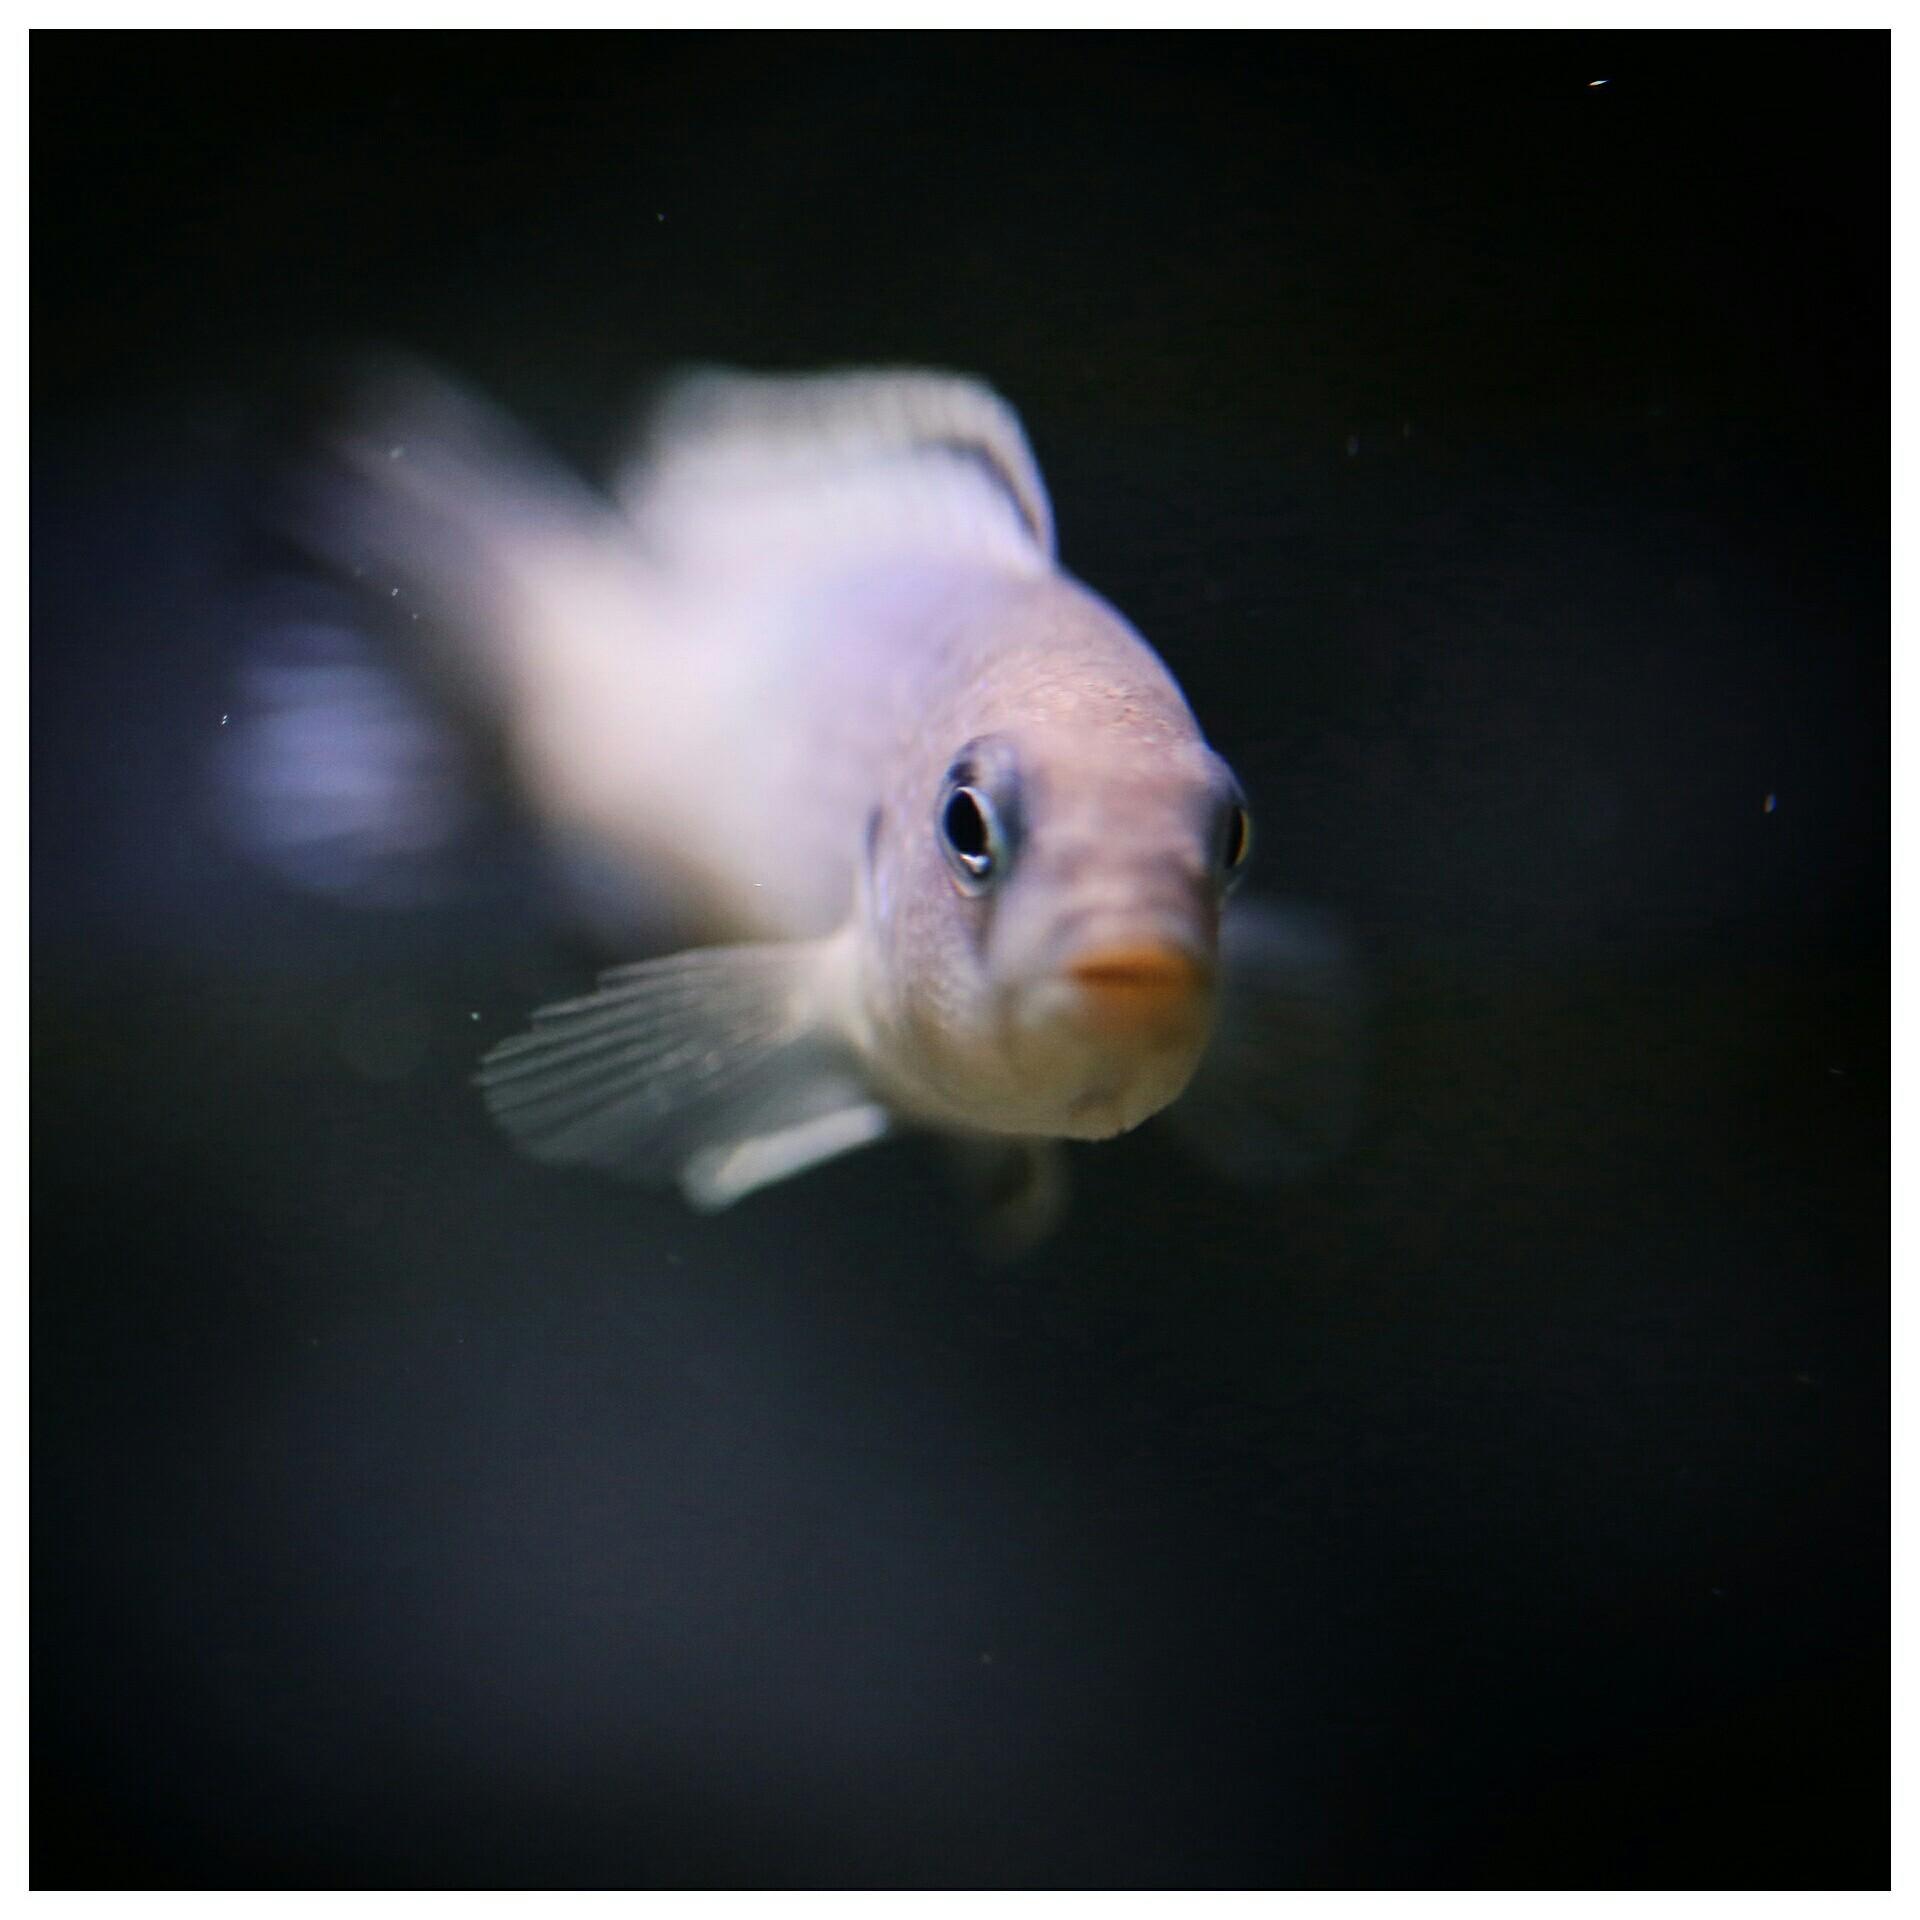 每日鱼照岩栖索科洛夫斑马 西安龙鱼论坛 西安博特第2张